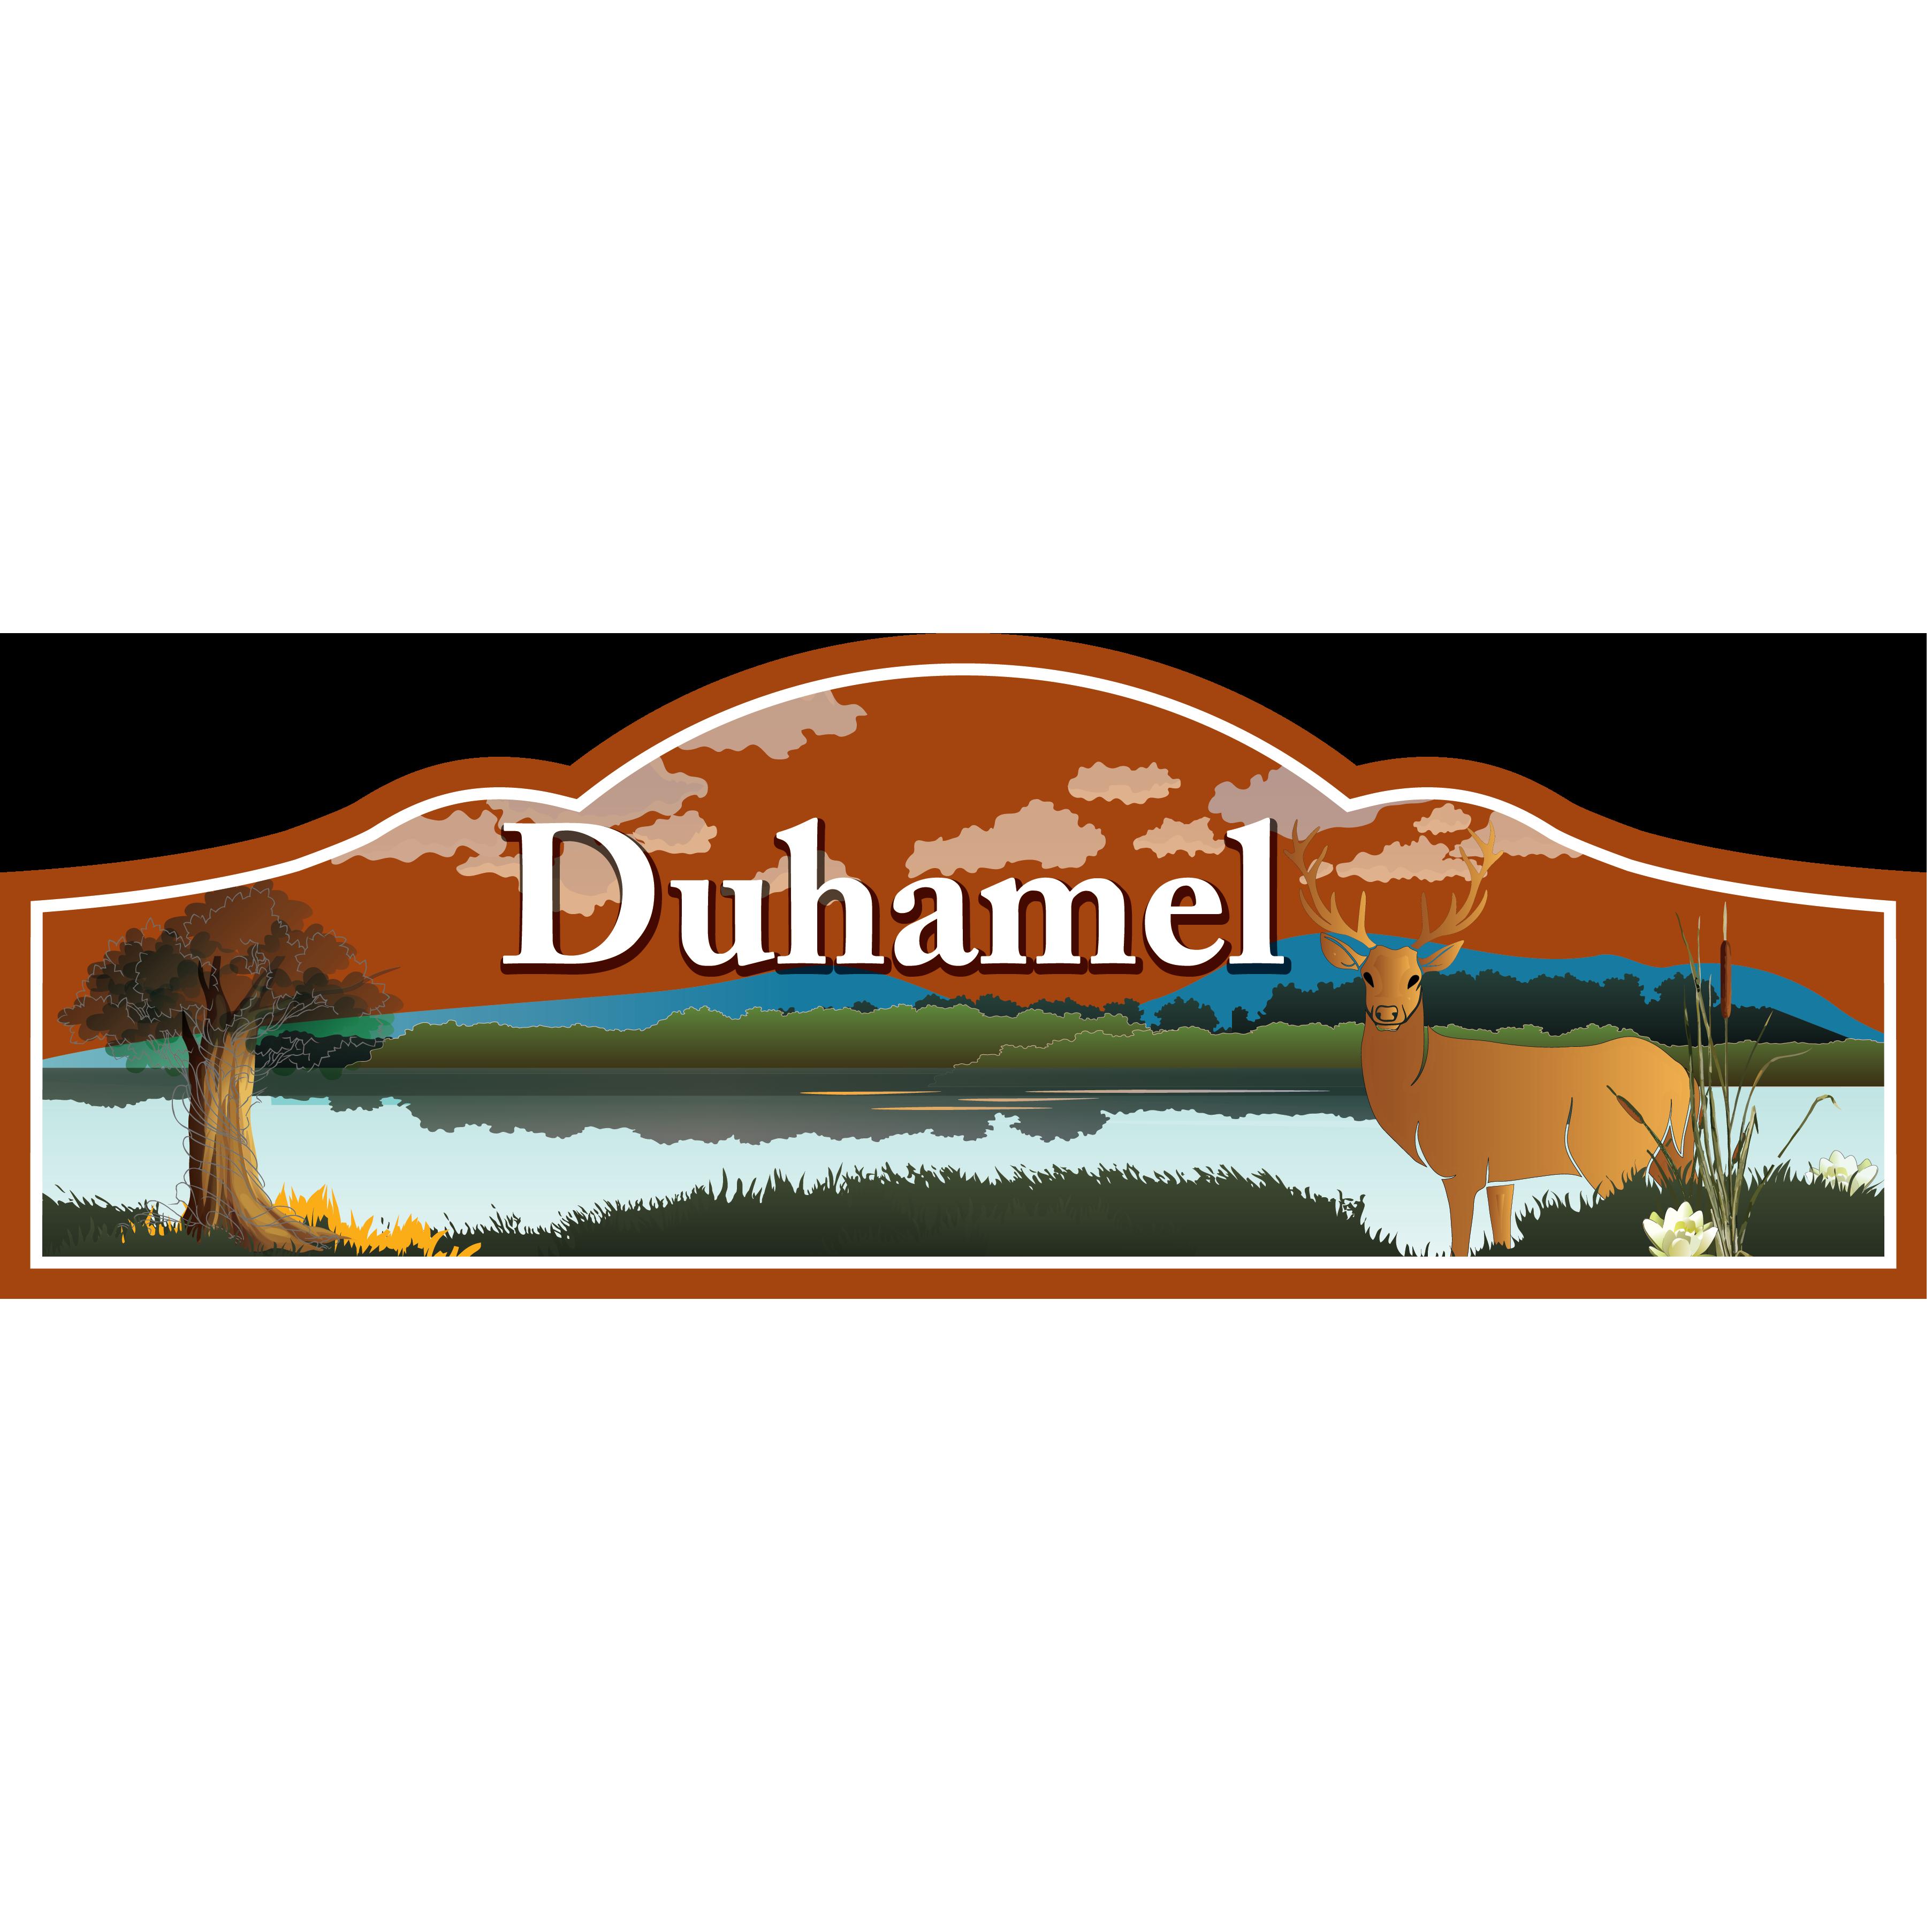 Duhamel